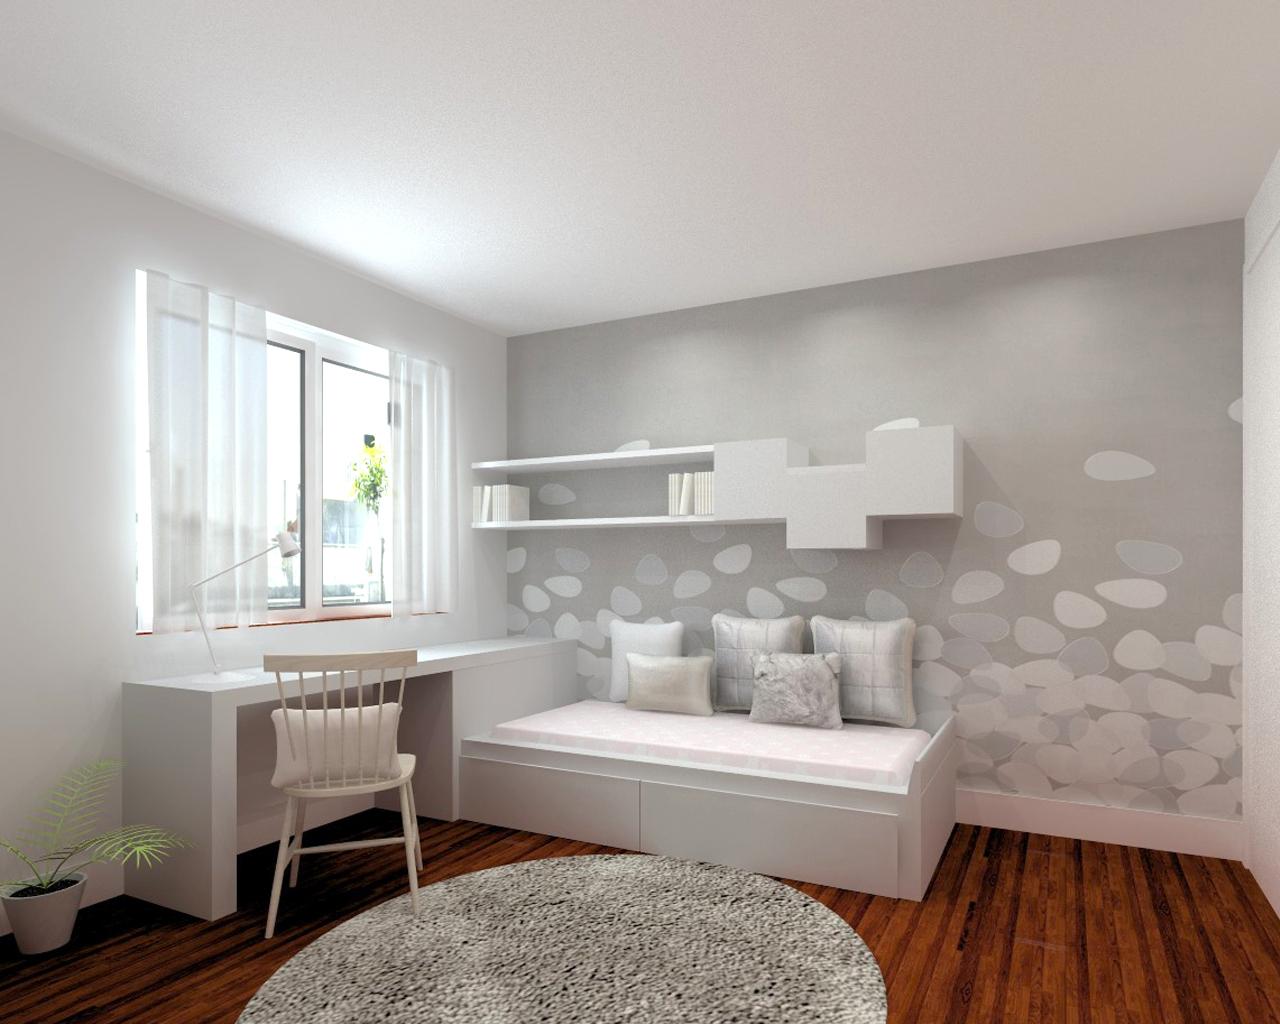 Dormitorio juvenil pensado para aprovechar al m ximo el for Presupuesto interiorismo